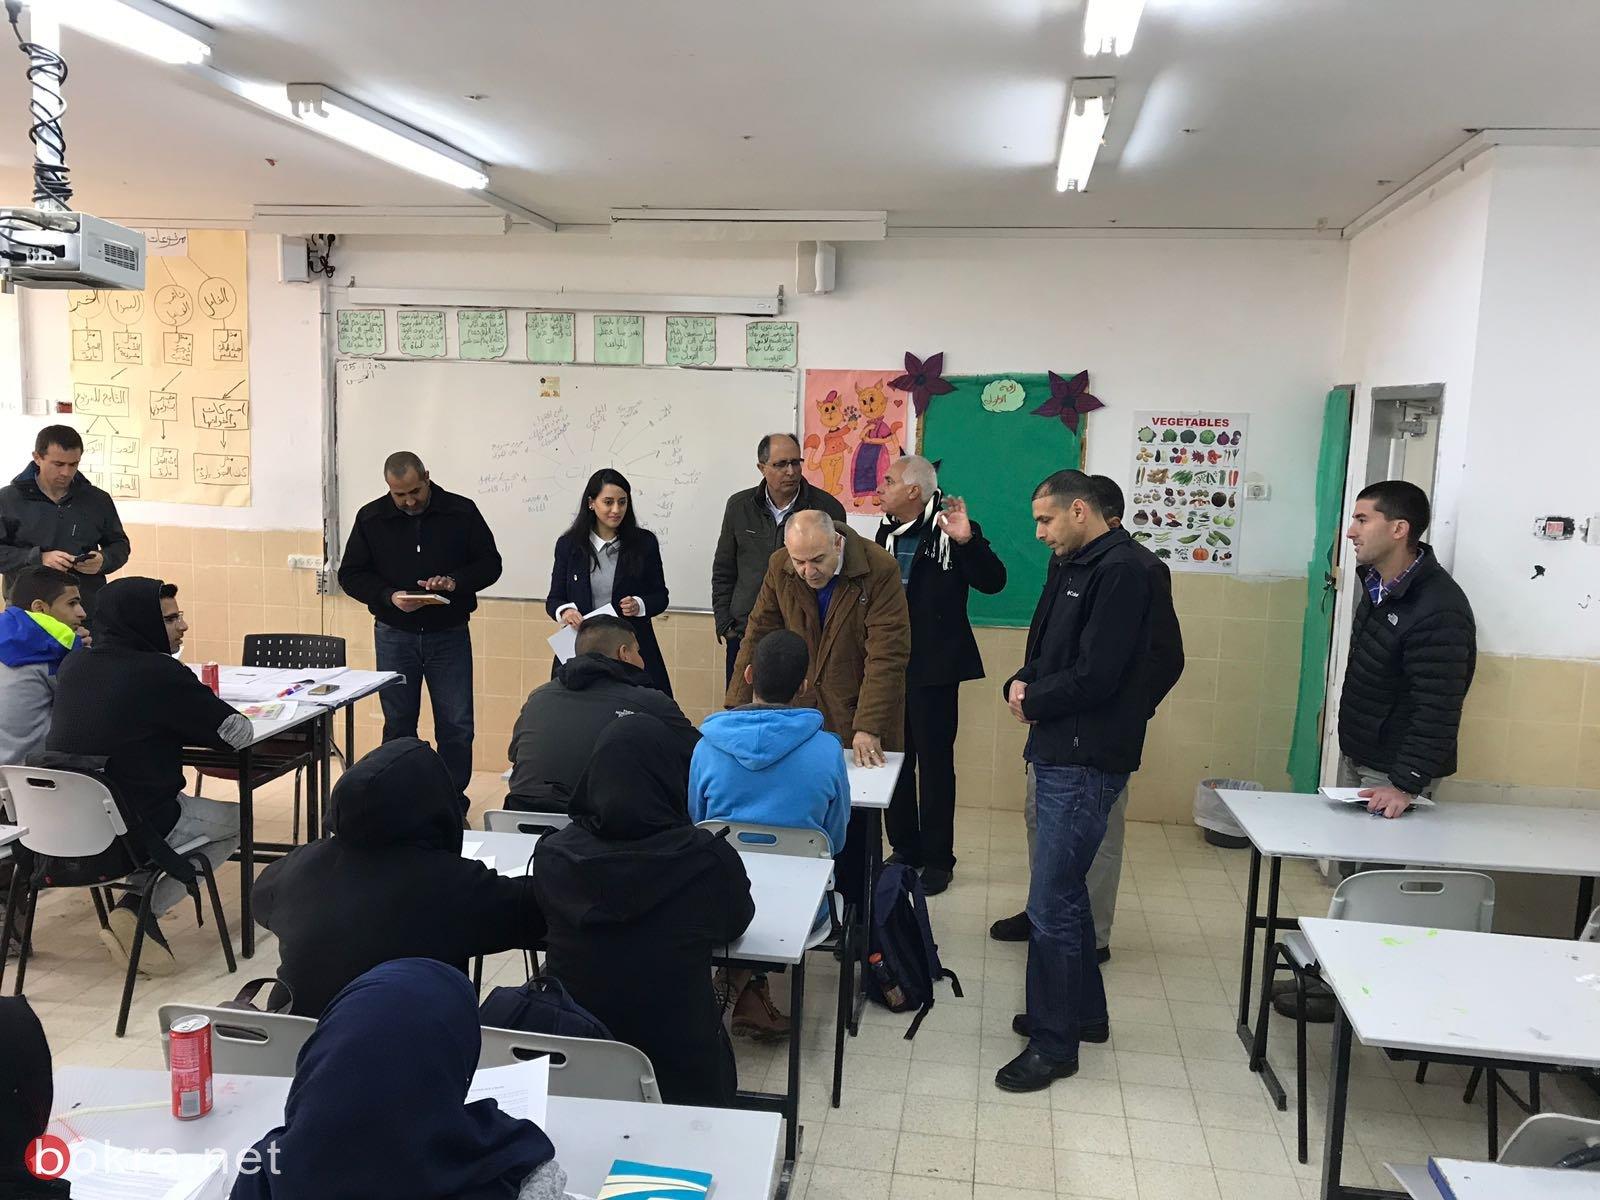 جولة لمدير عام وزارة التربية شموئيل ابواب في مؤسّسات التّعليم في المجتمع البدوي في الجنوب .